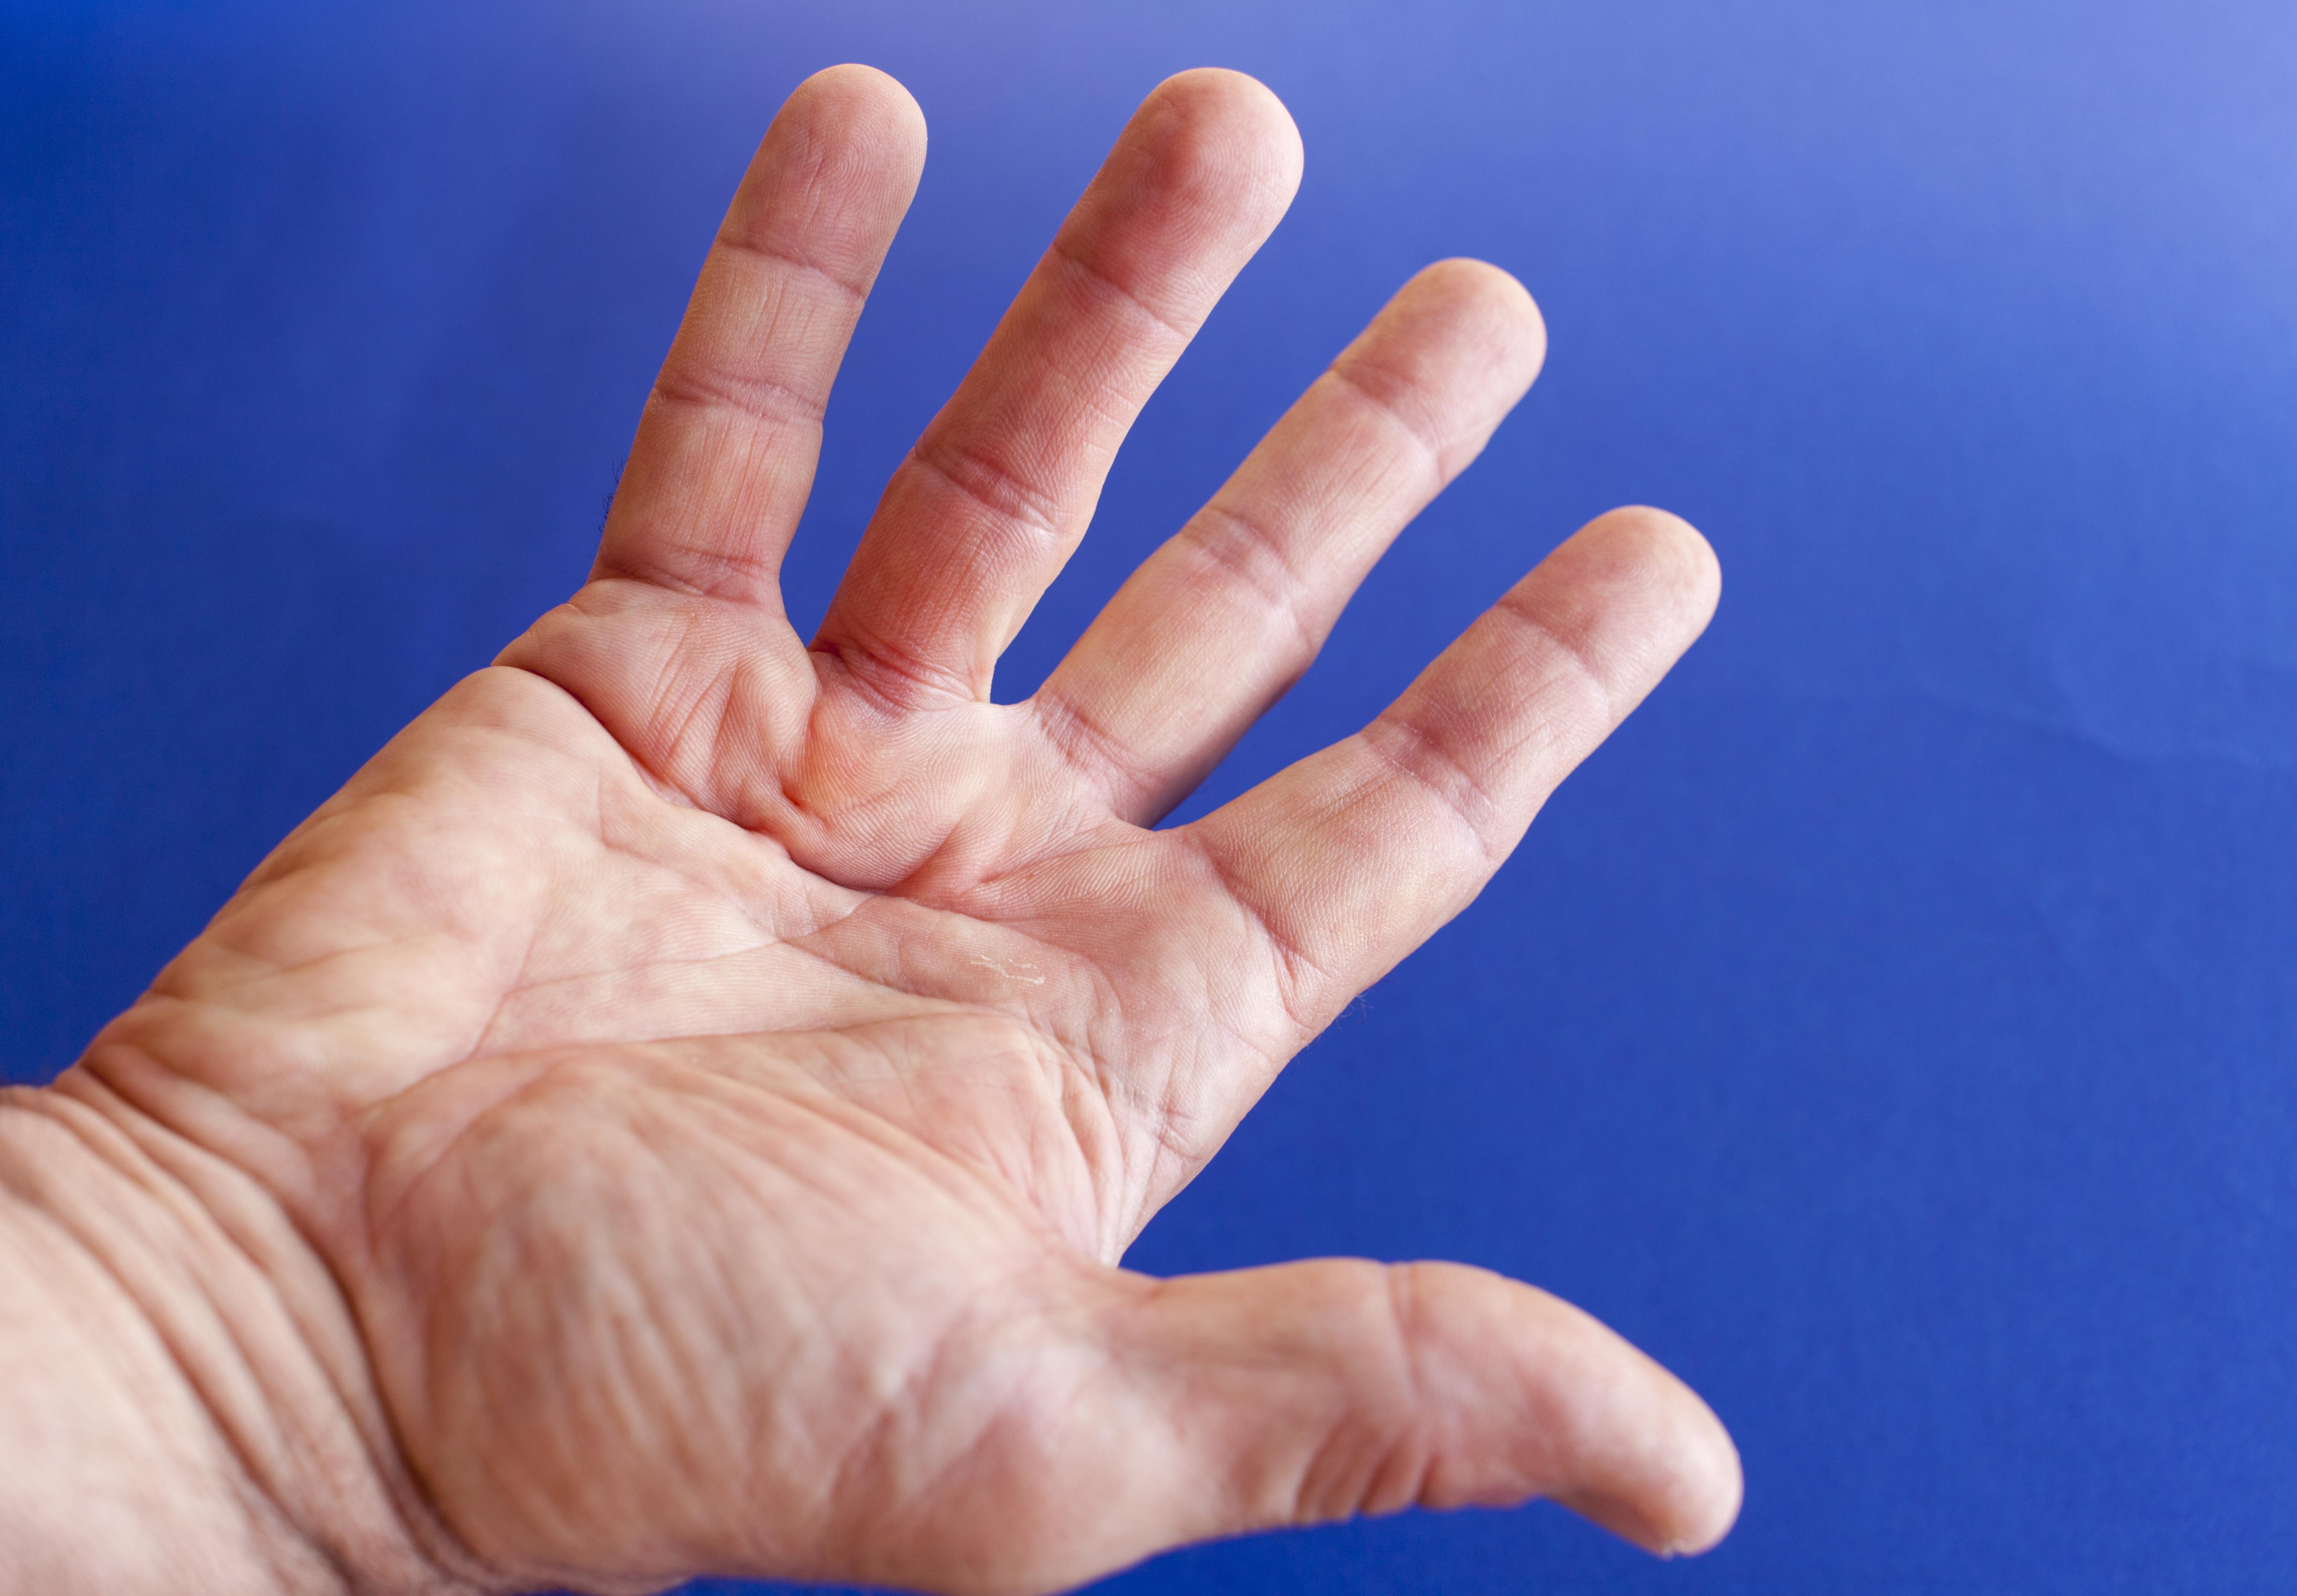 Numera finns det enklare metoder som gör att fingrarna kan bli som vanligt och fungera lika bra som innan innan läkarbesöket.